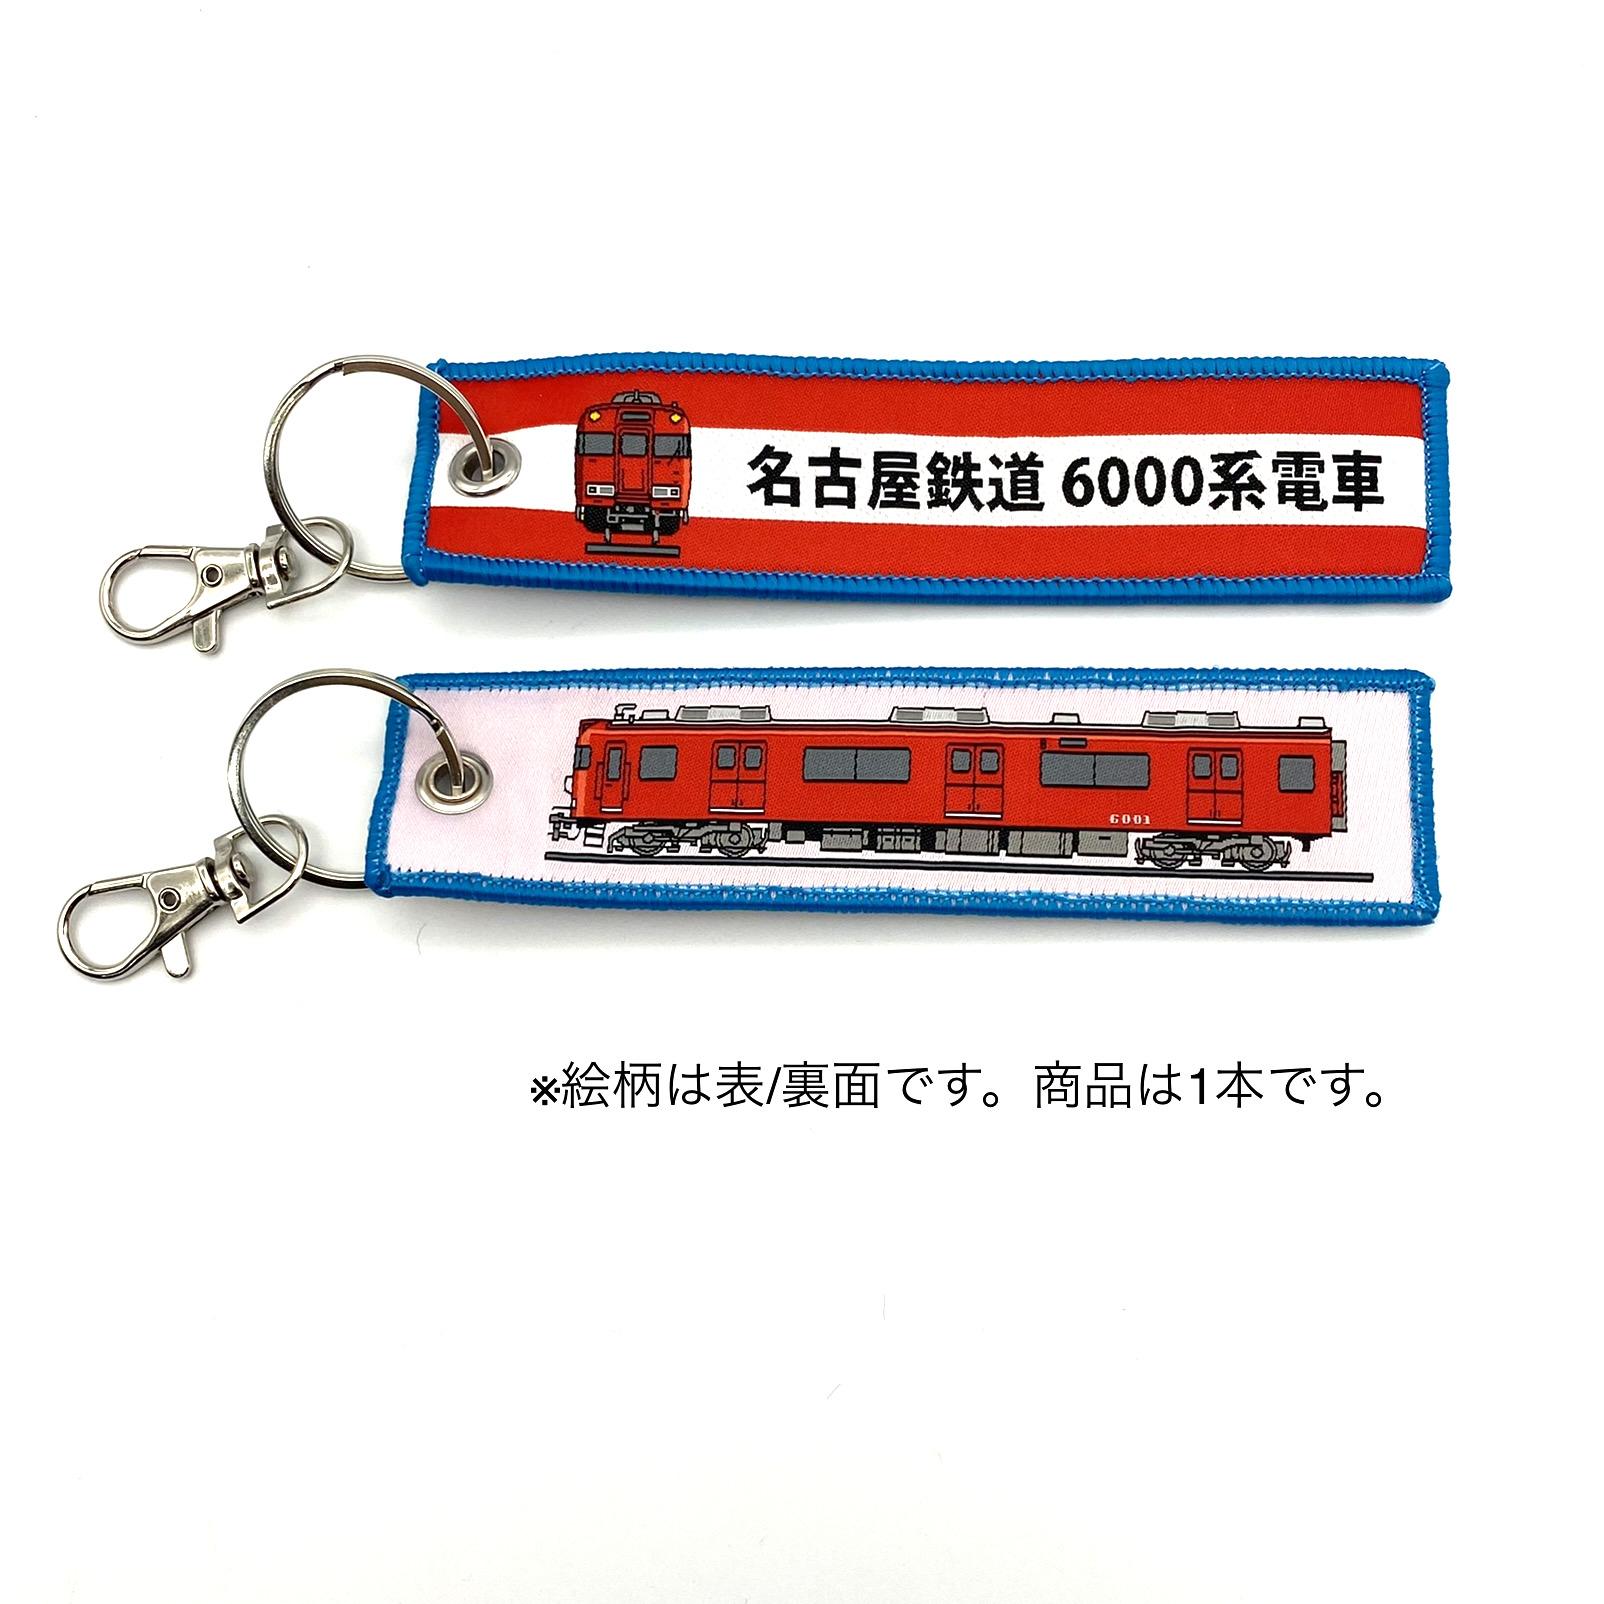 KBオリジナルアイテム 名古屋鉄道 6000系電車